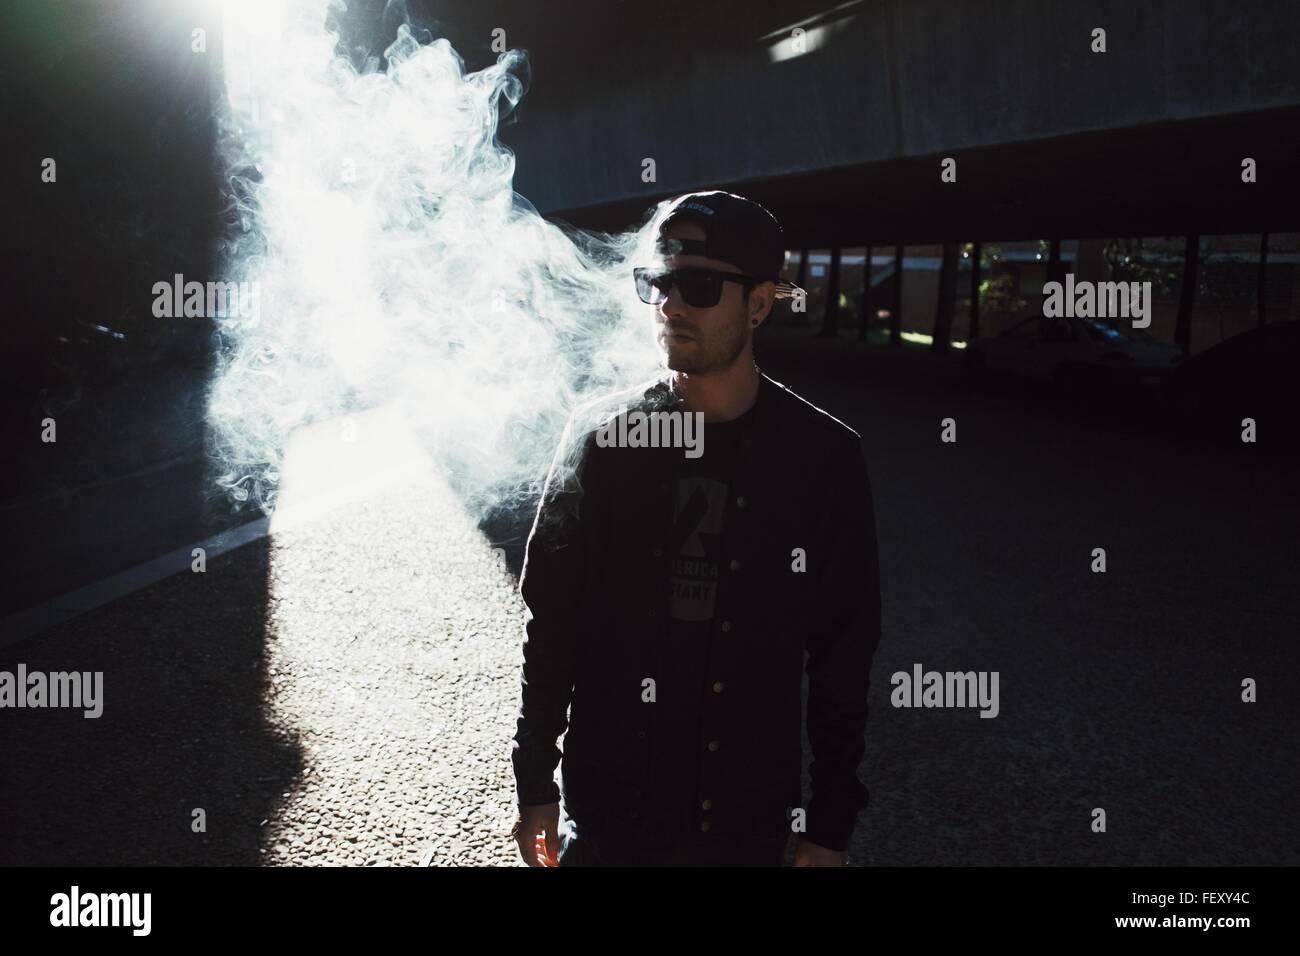 Junger Mann Rauchen Zigarette auf Straße Stockbild